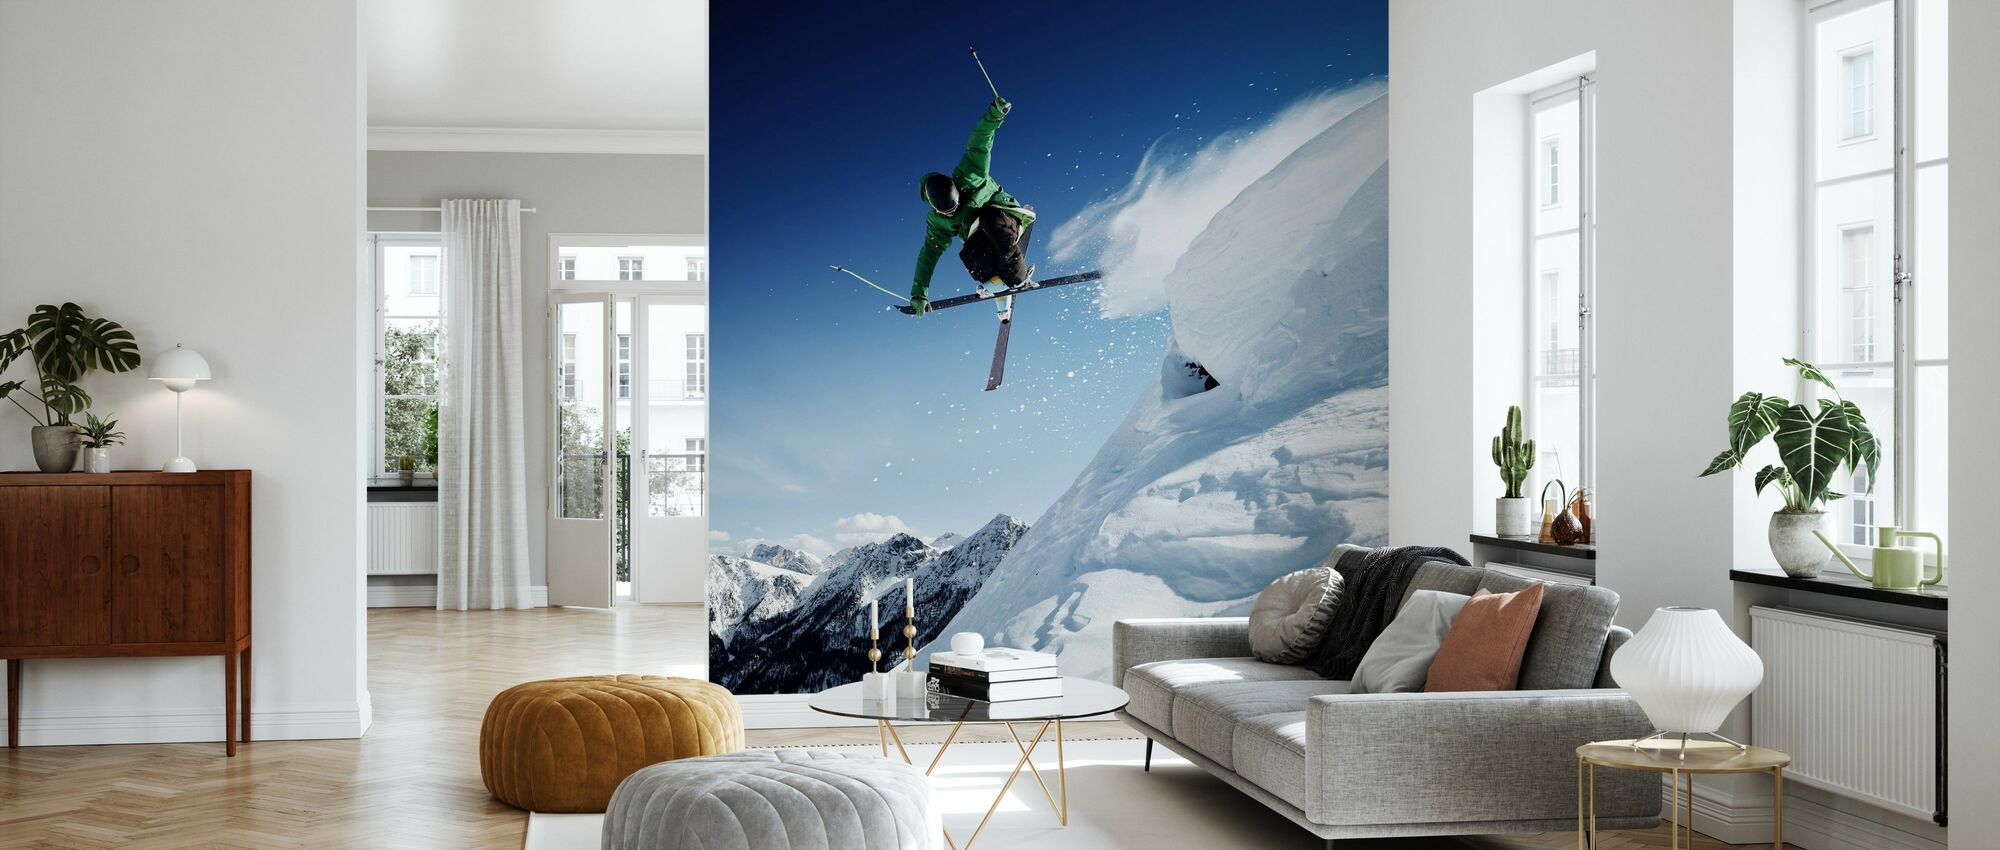 Springender Skifahrer - Tapete - Wohnzimmer